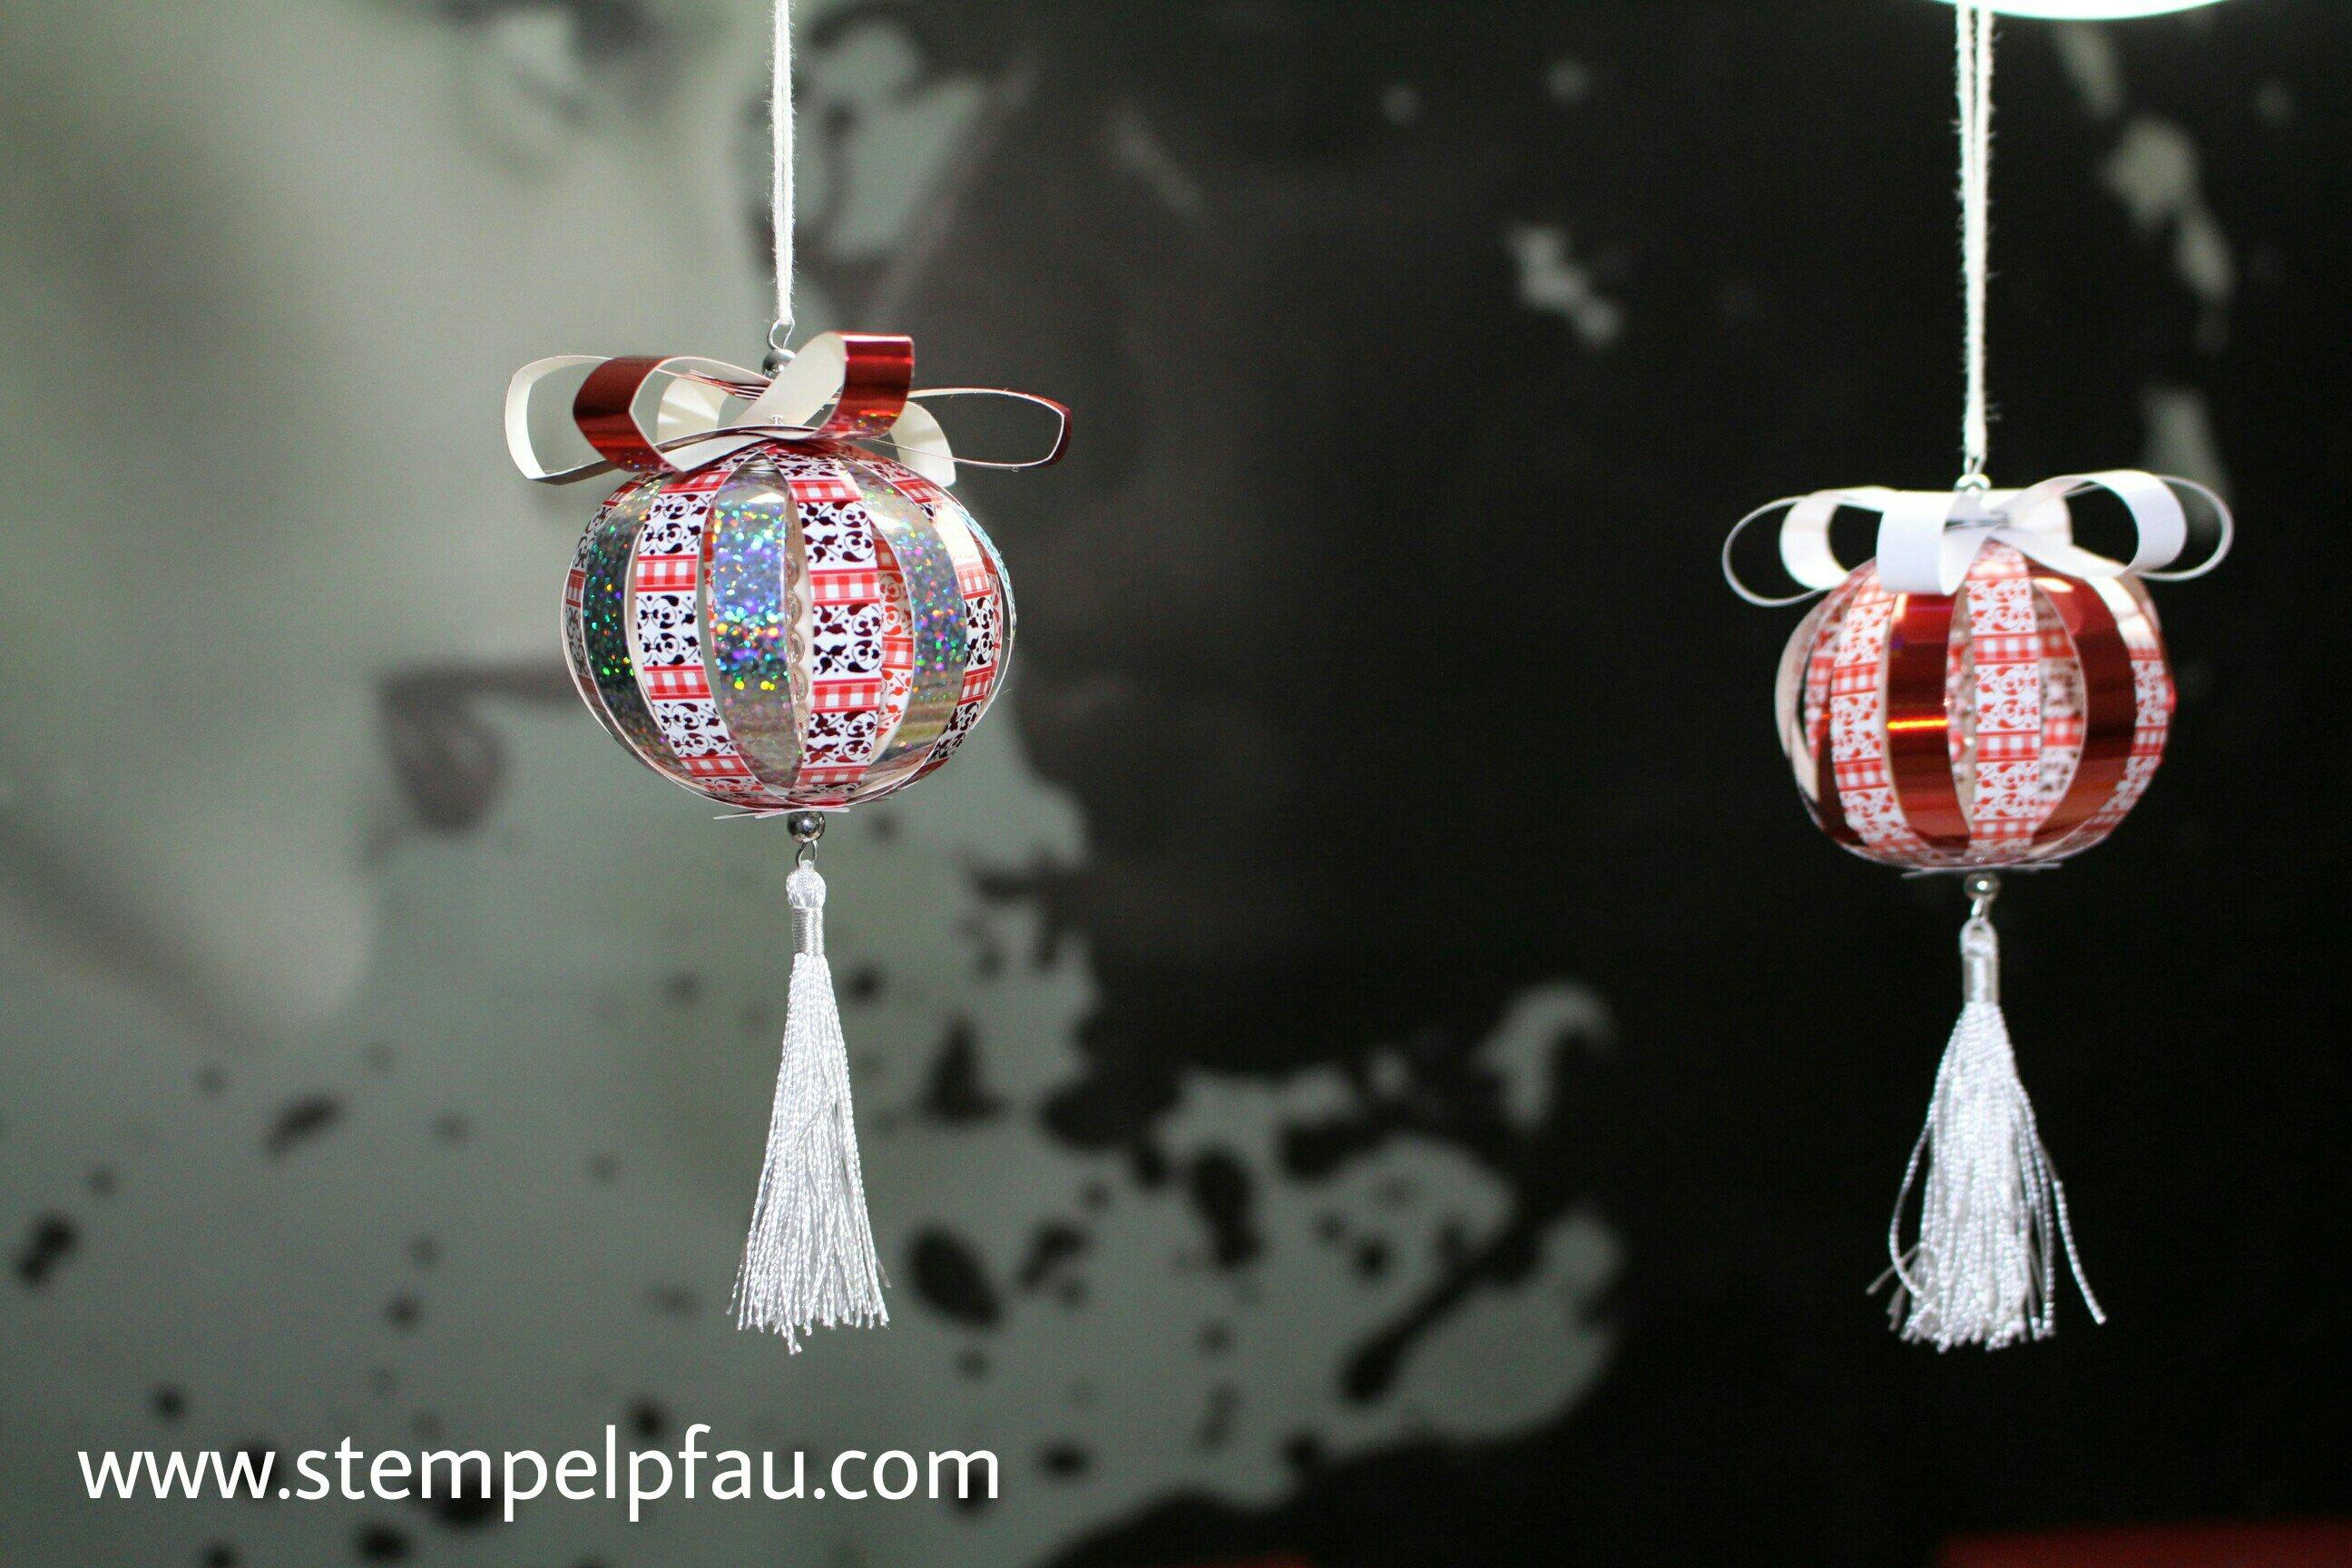 Weihnachtliche Dekoration mit den Bastelkindern gestaltet. Weihnachtliche Paperballs.